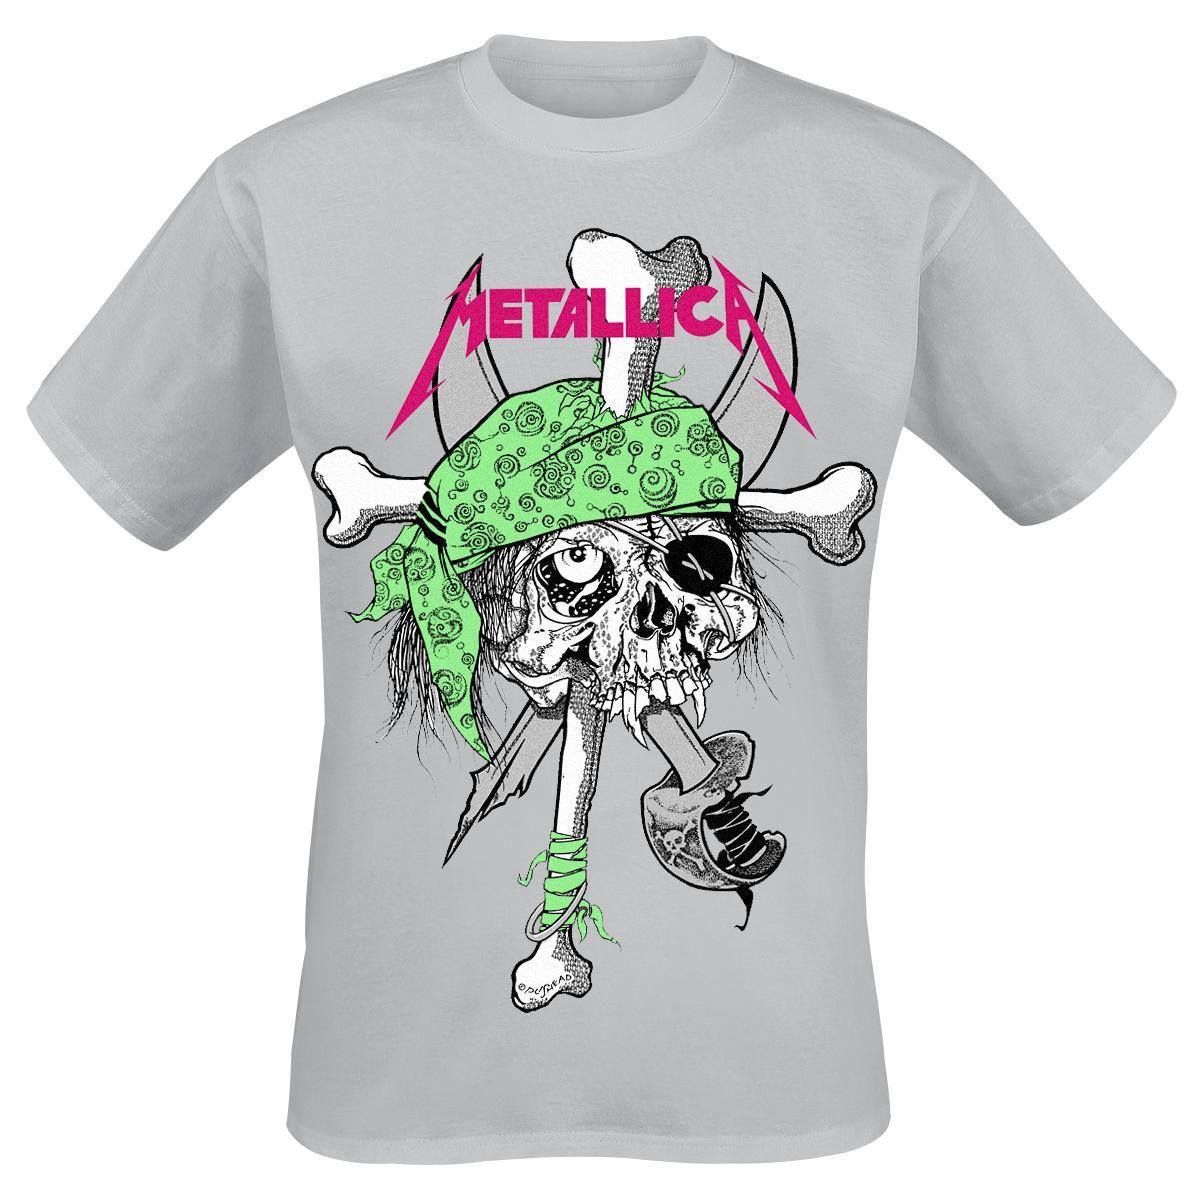 Zinc shirt design - Classica T Shirt Uomo Grigia Flou Pirate Zinc Dei